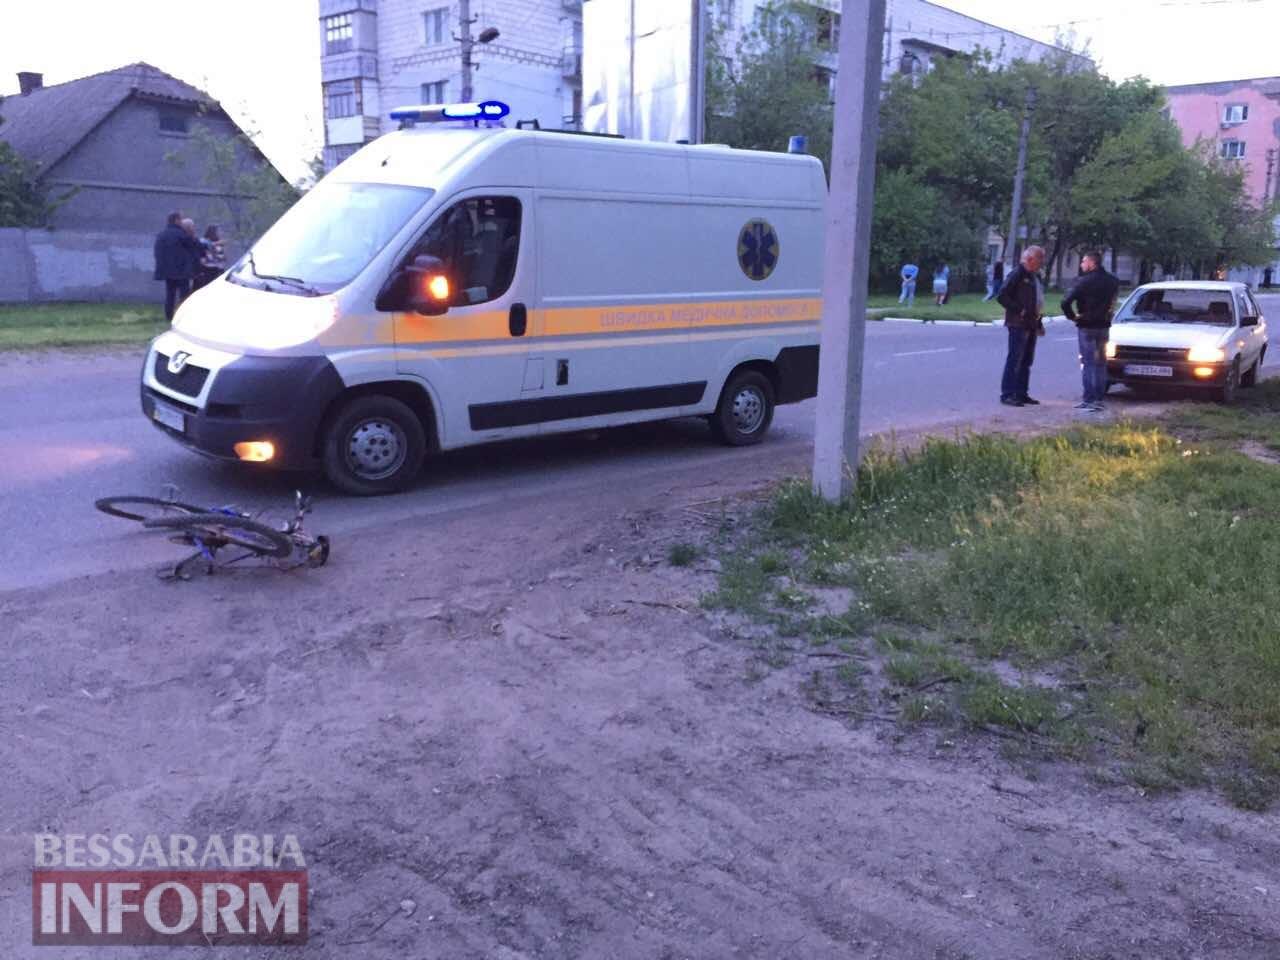 591016a2536e1_64886 В воскресенье на дорогах Измаила пострадали мопедист и велосипедист